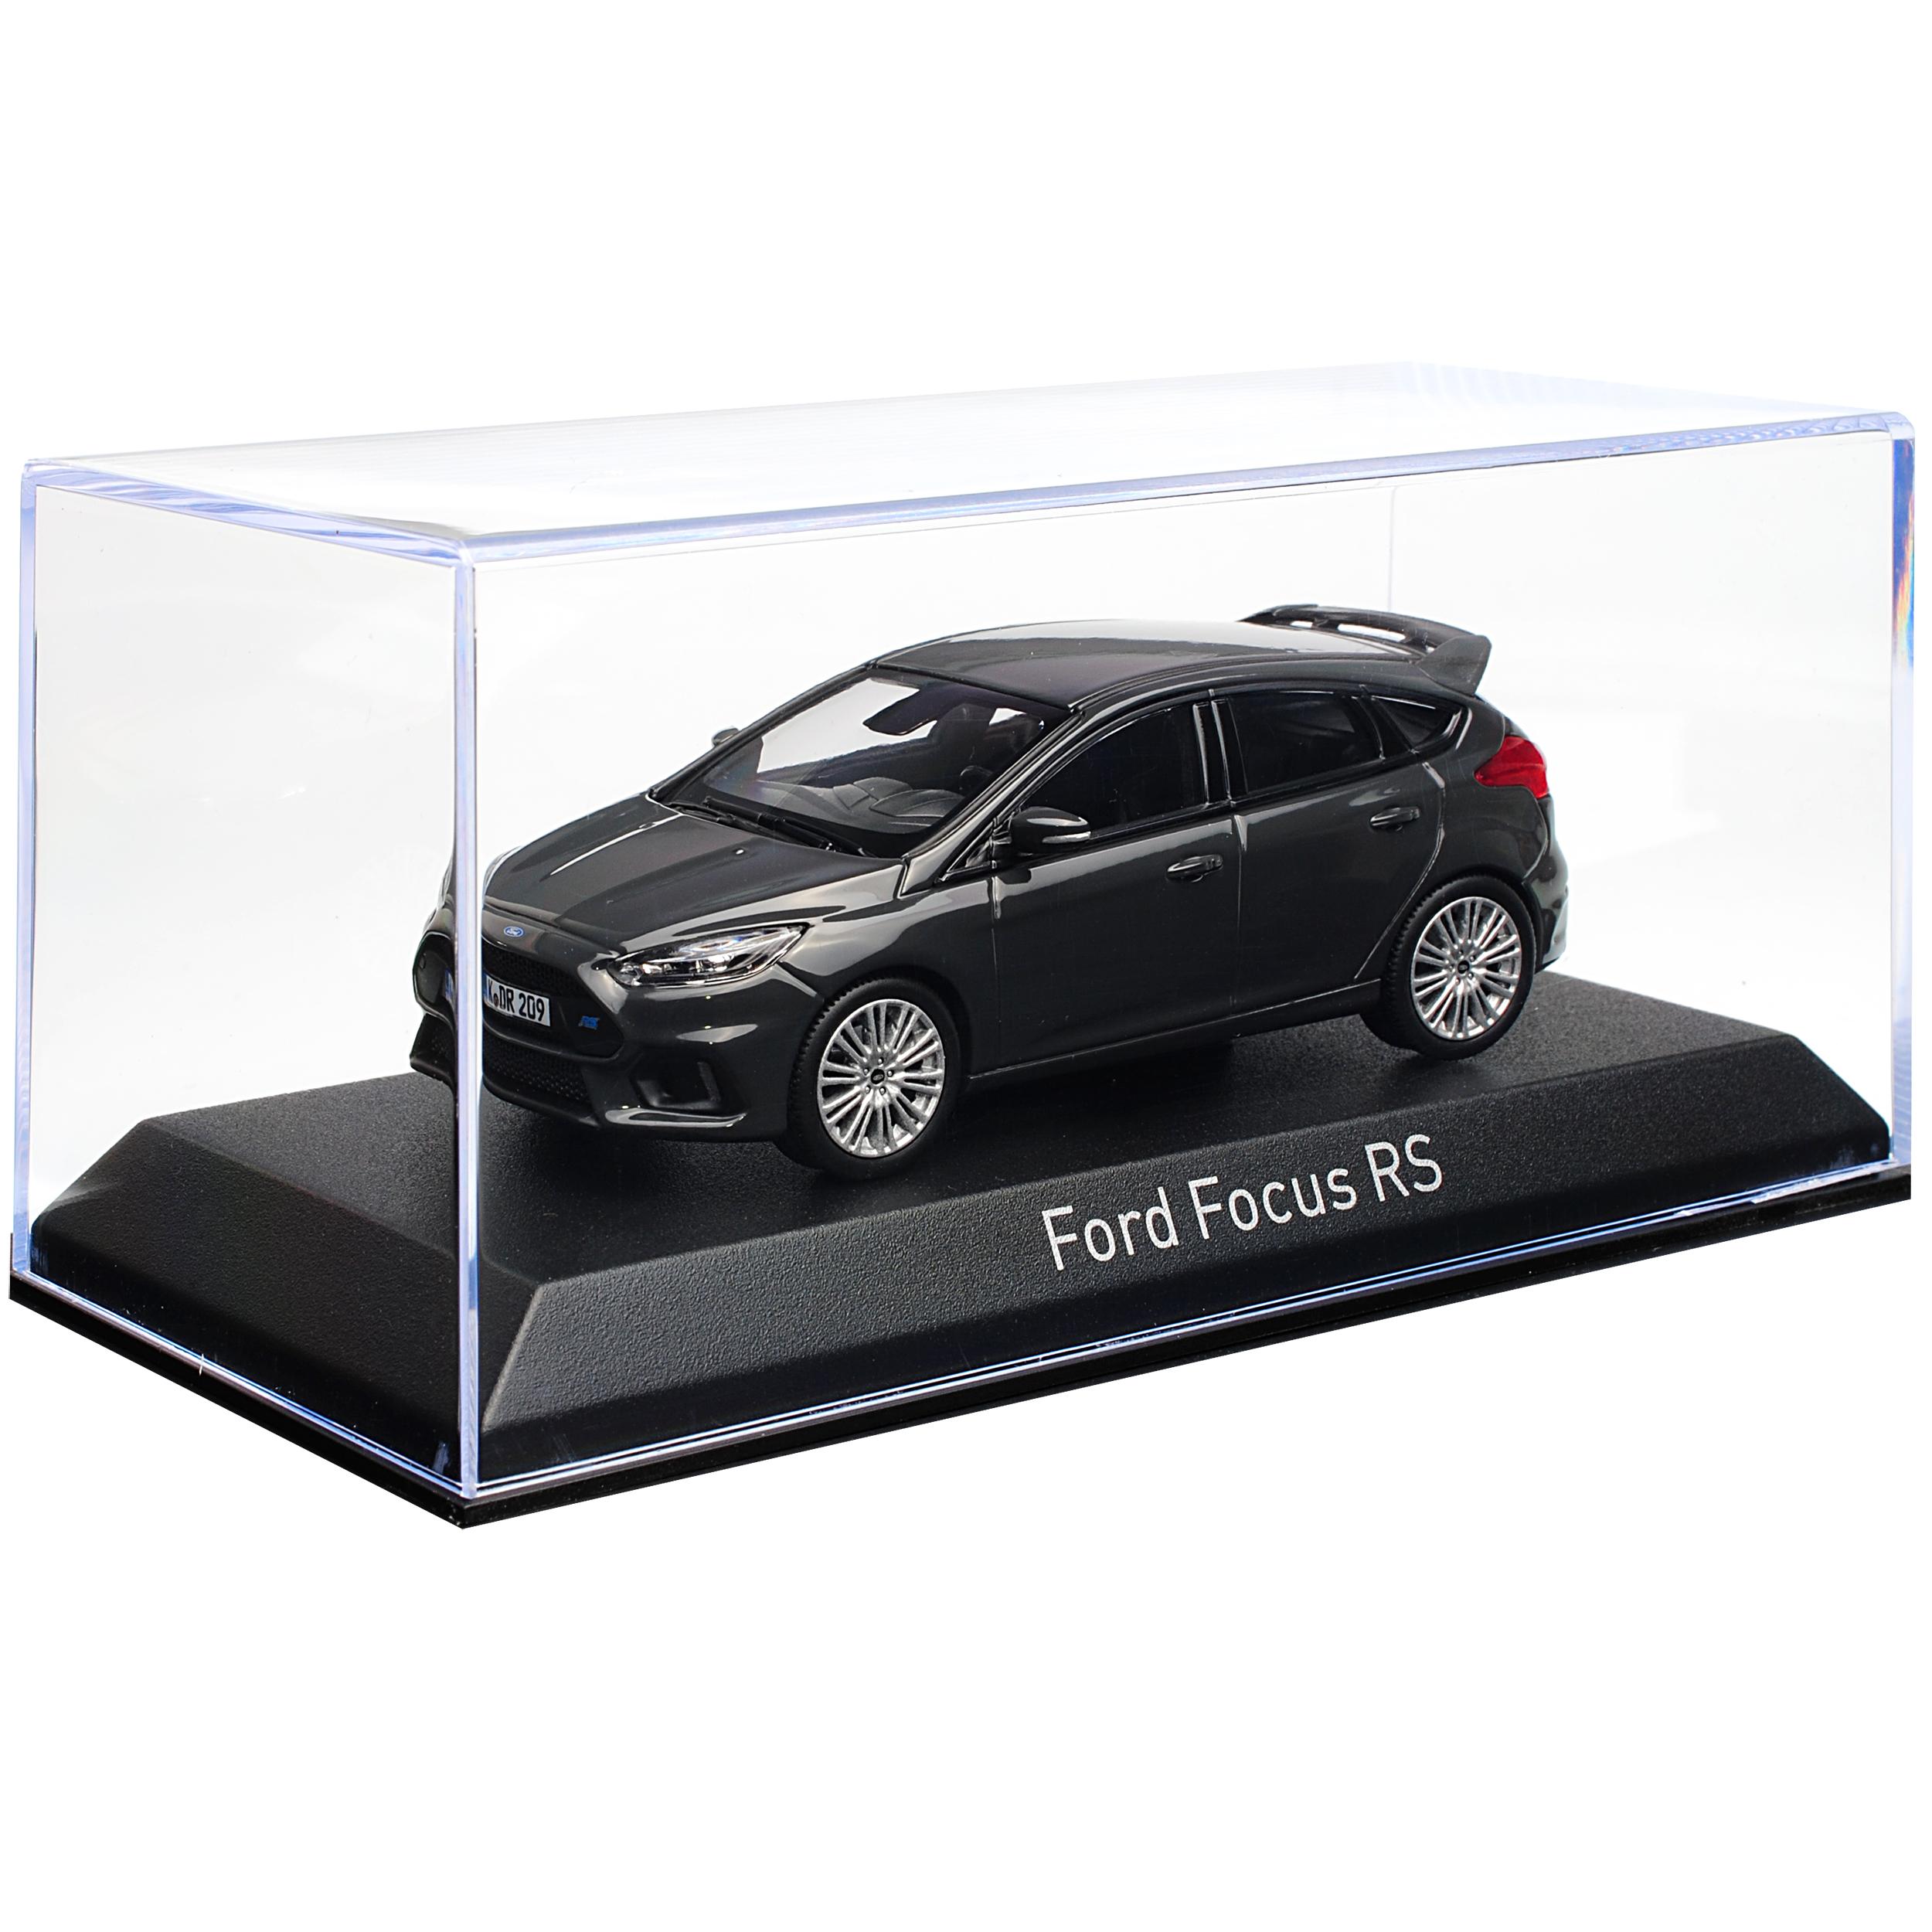 generazione a partire dal 2010 a partire da Facelift 2015 1//43... FORD FOCUS RS nero grigio 5 porte 3